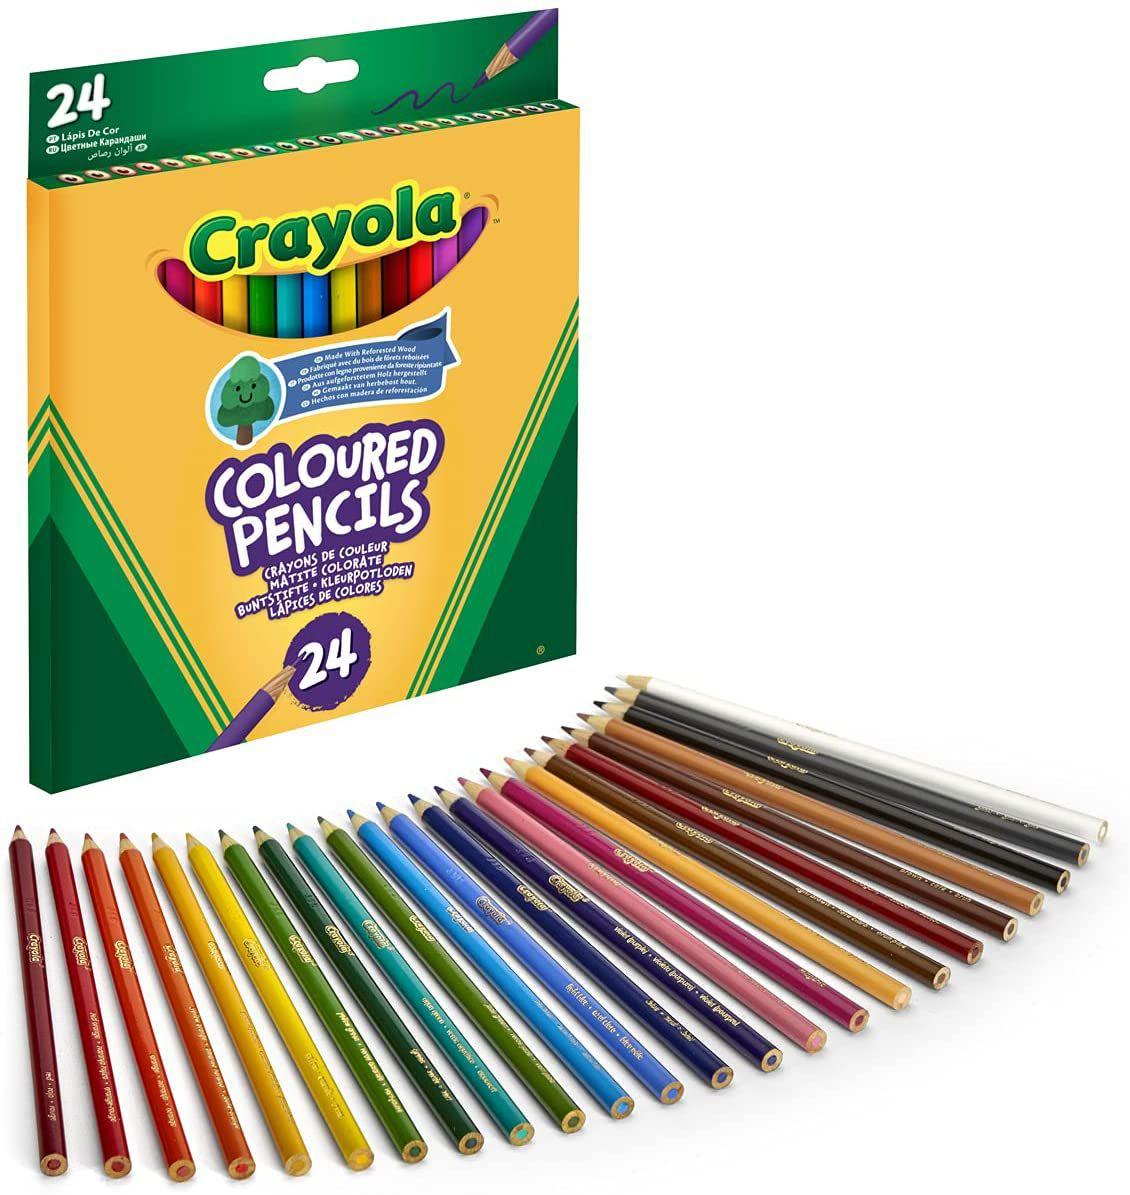 Crayola - 24 Crayola Coloured Pencils £2.25 @ Amazon prime (+£4.49 non prime)